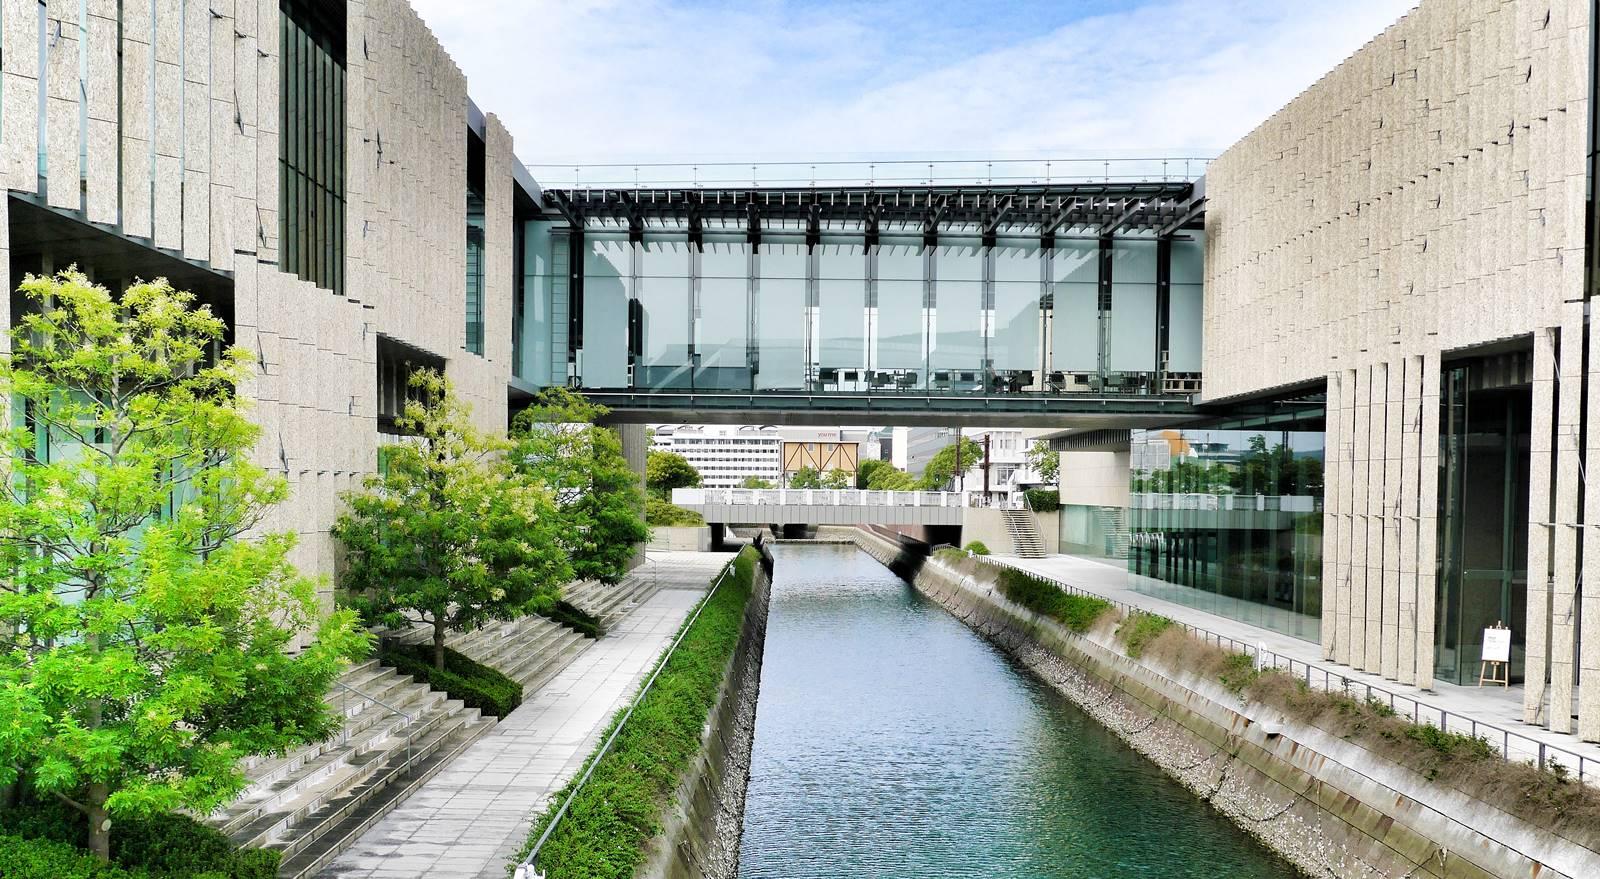 長崎-景點-推薦-長崎縣美術館-長崎必玩景點-長崎必去景點-長崎好玩景點-市區-攻略-長崎自由行景點-長崎旅遊景點-長崎觀光景點-長崎行程-長崎旅行-日本-Nagasaki-Tourist-Attraction